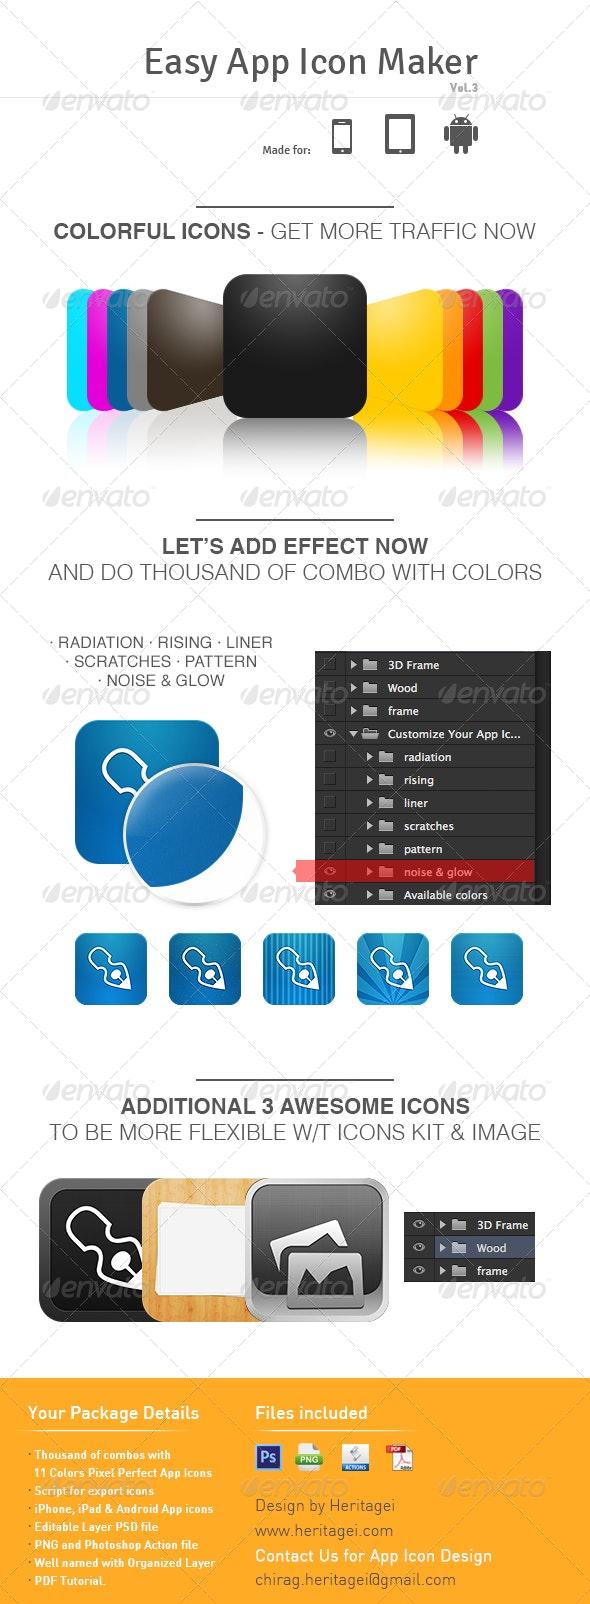 Easy App Icon Maker v 3.0